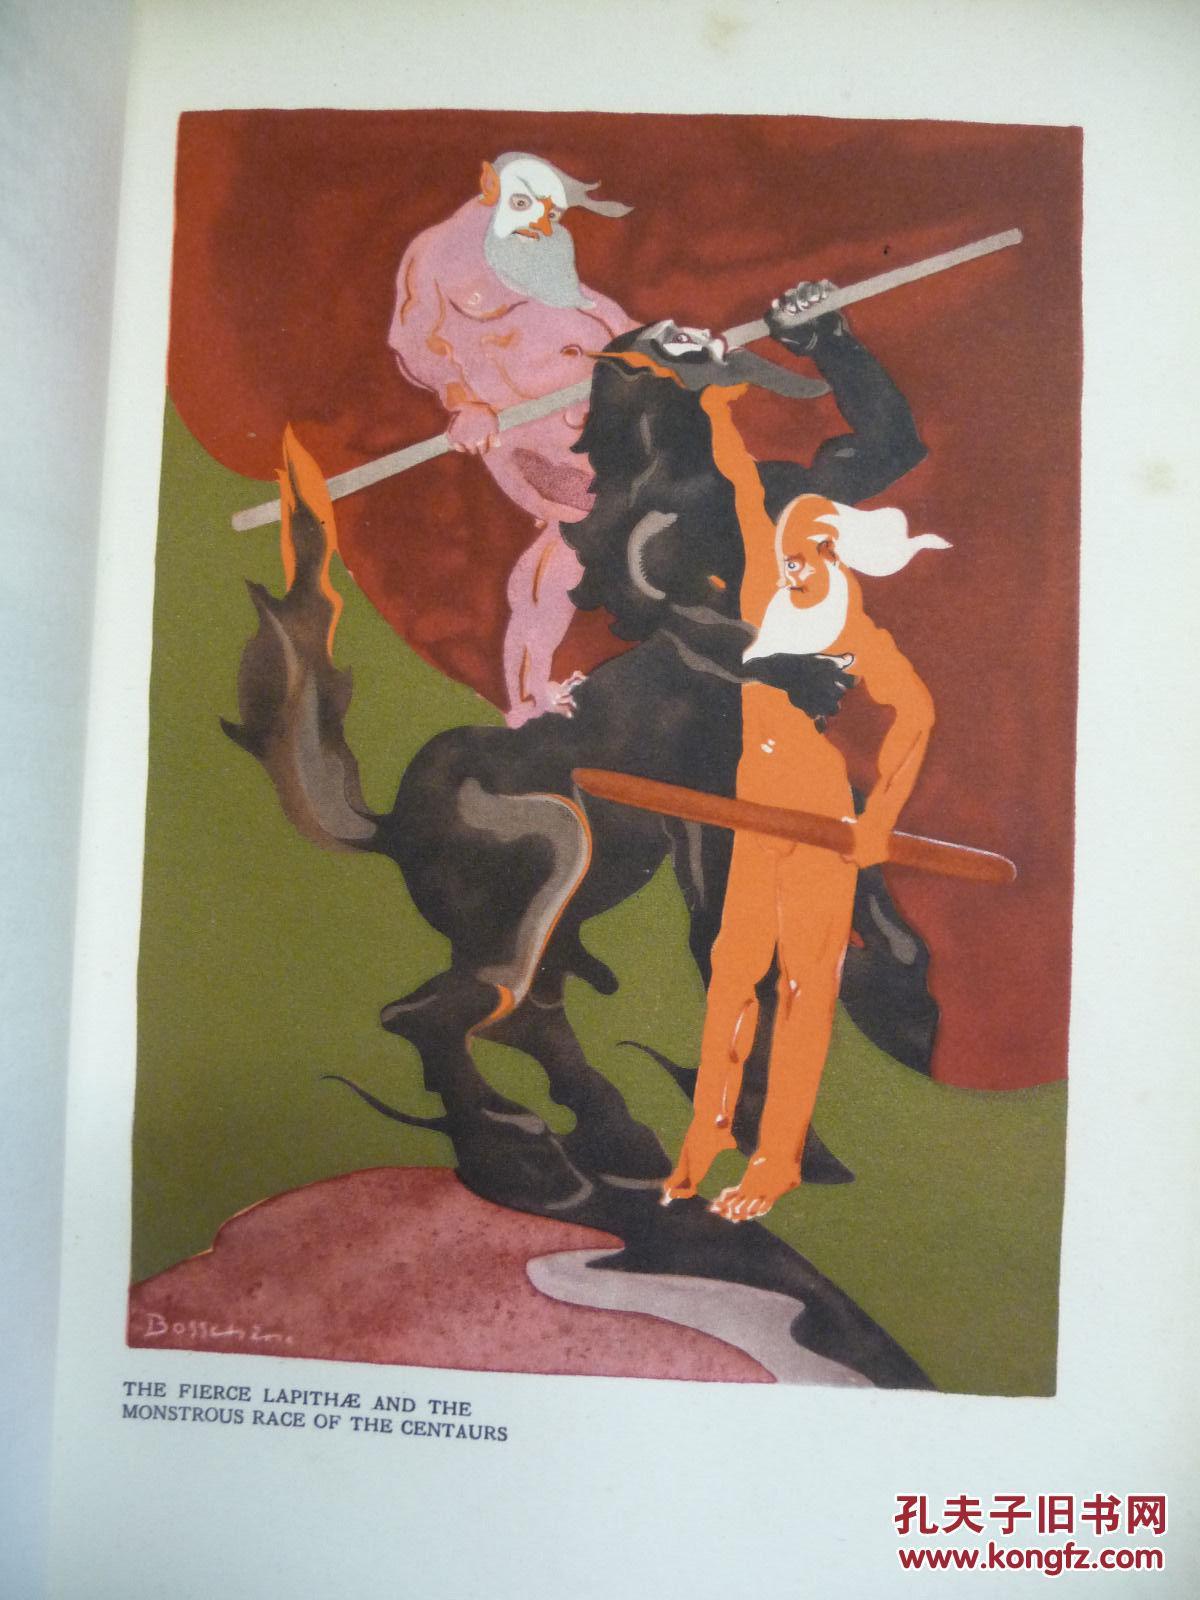 《印度爱的艺术:爱经》 大量情色艺术图片,2... _孔夫子旧书网